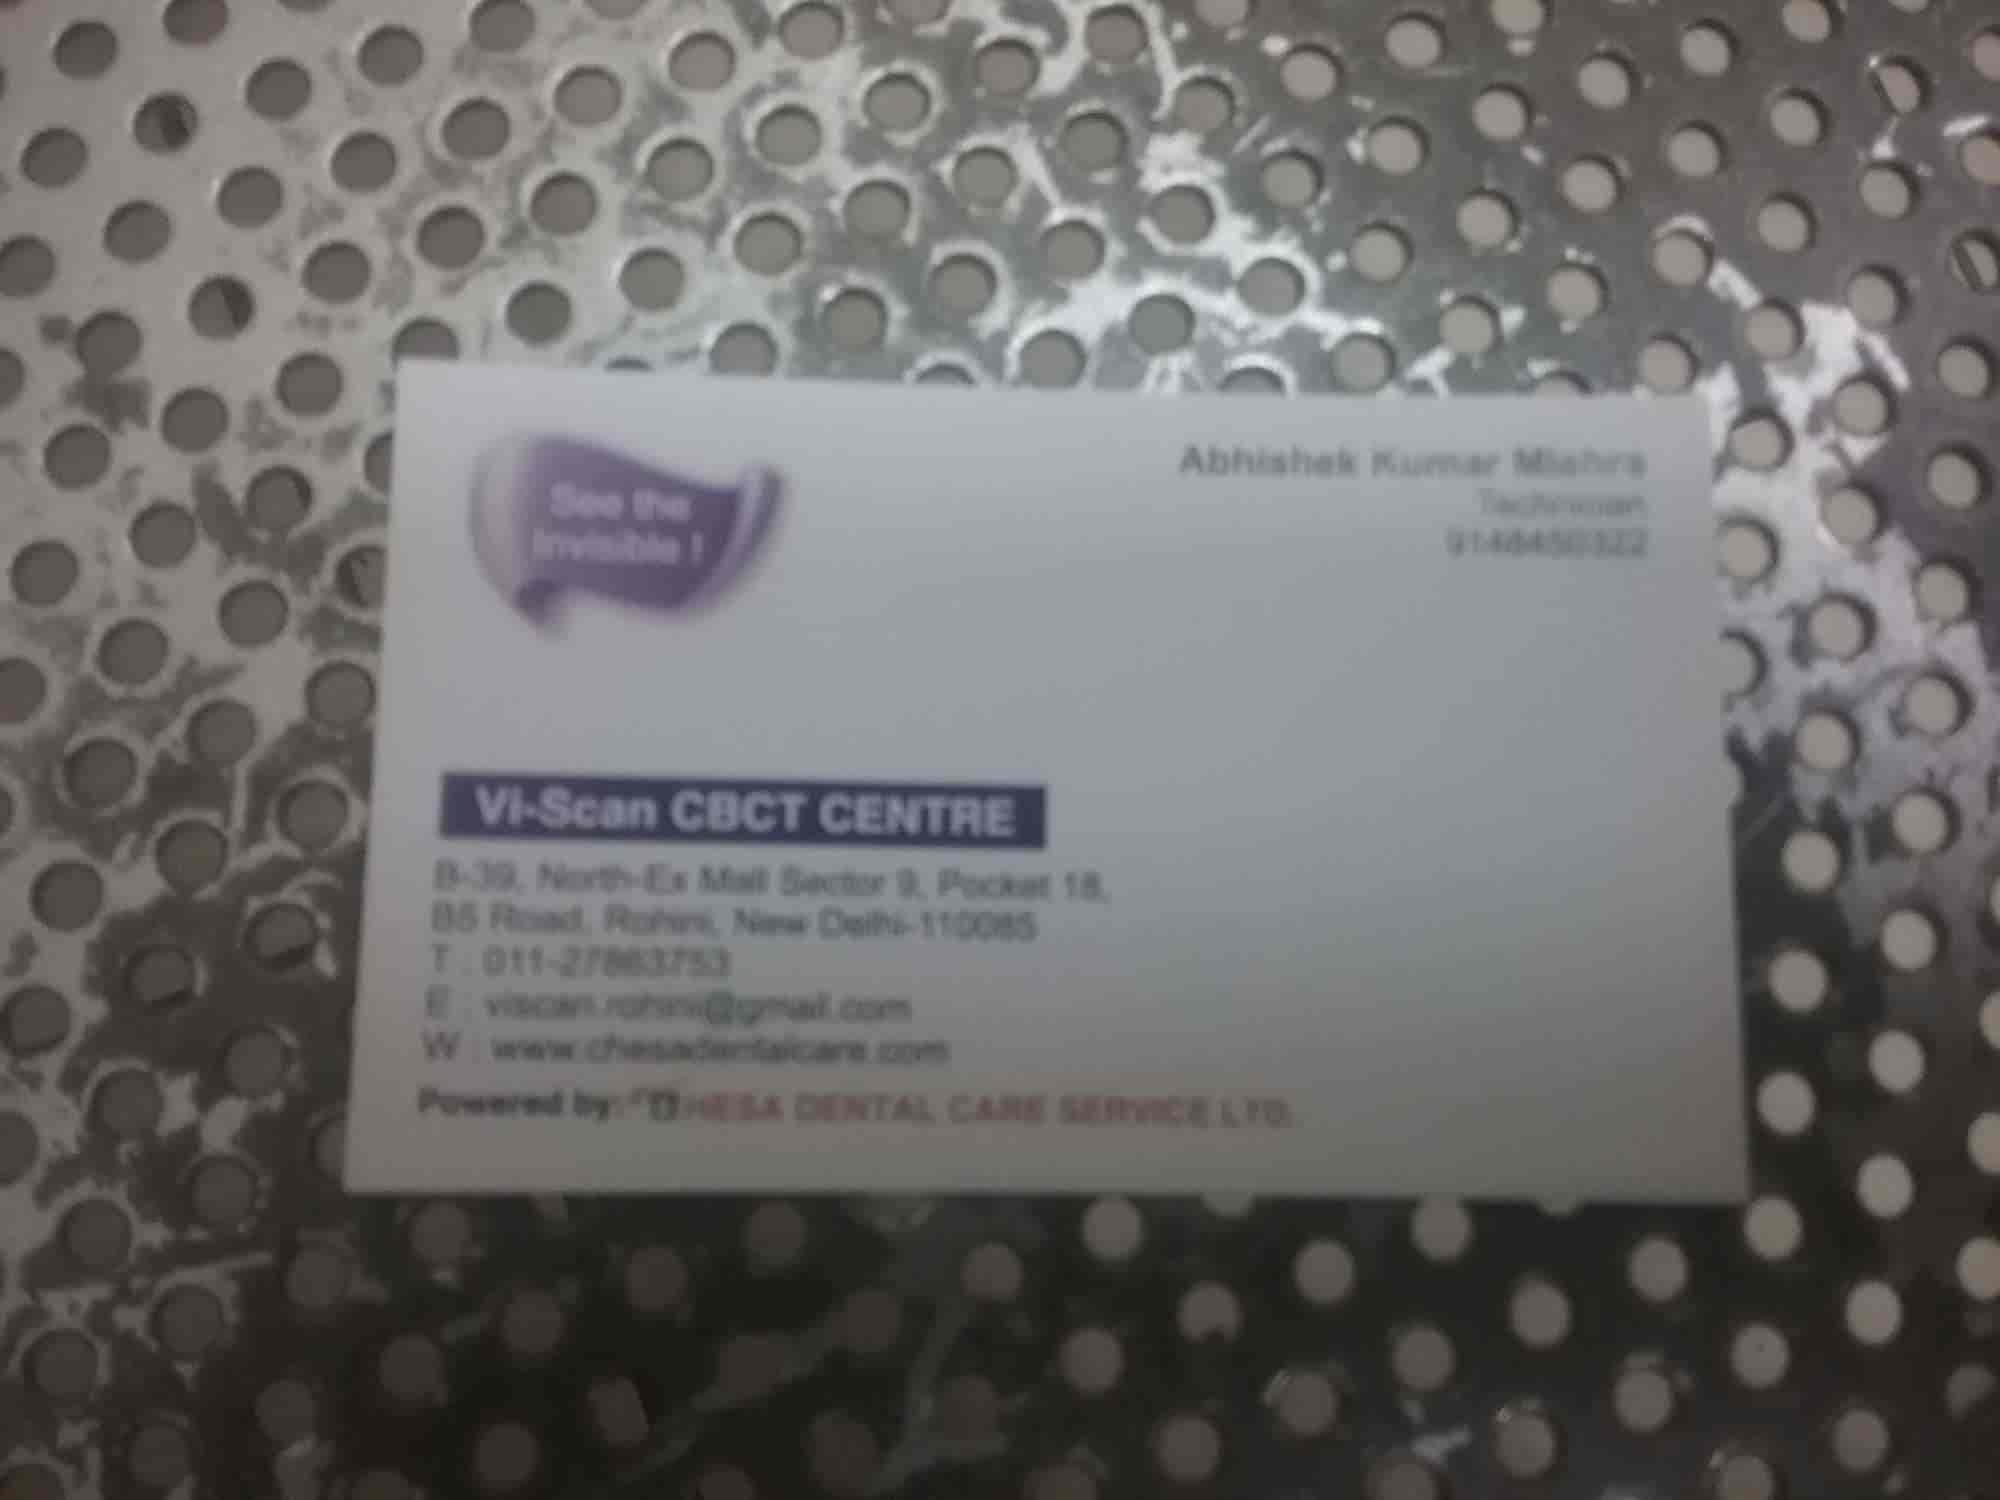 Vatech Dental CT Centre, Rohini Sector 9 - Diagnostic